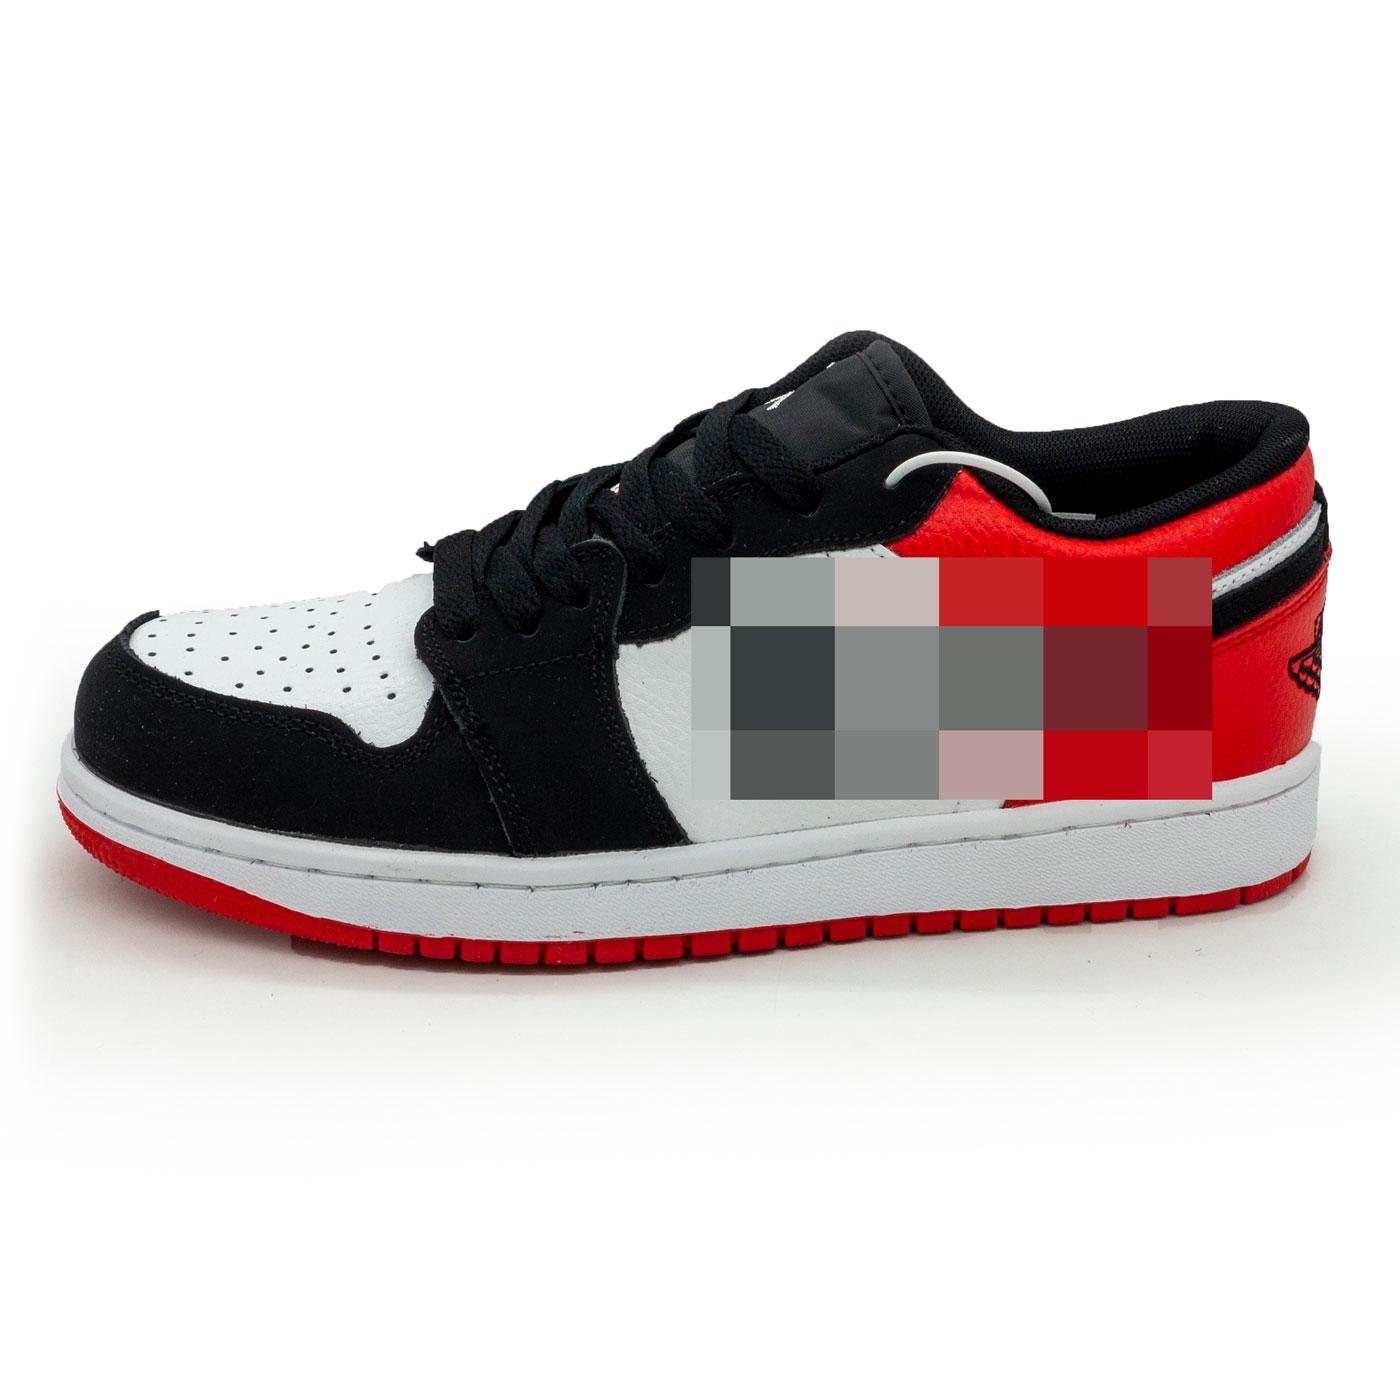 фото main Низкие черные c красным кроссовки Nke Air Jordan 1 main